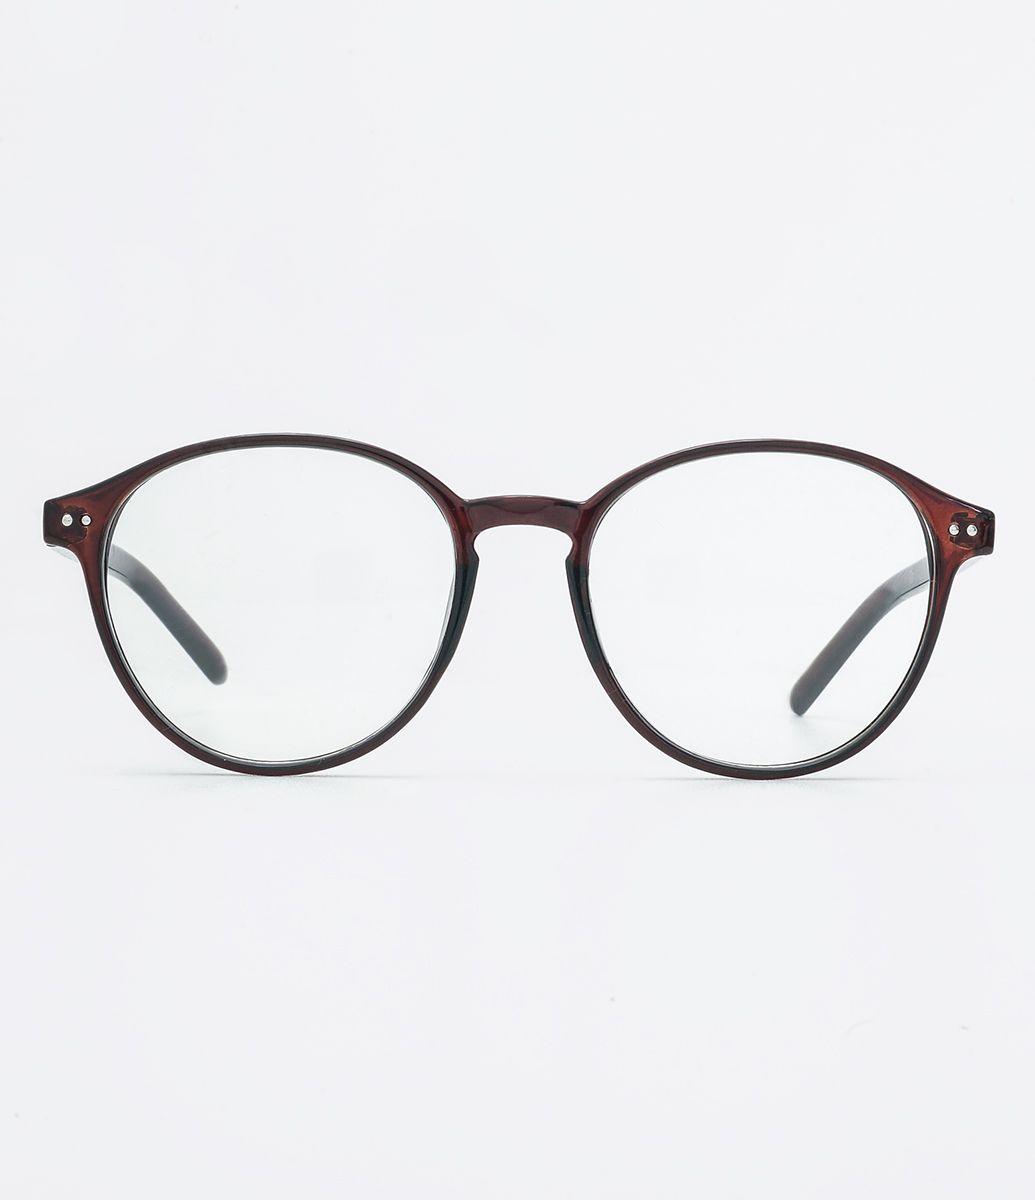 befe19b2216c1 Armação de óculos Modelo redondo Hastes em acetato Não acompanha lentes  Acompanha um estojo de tecido